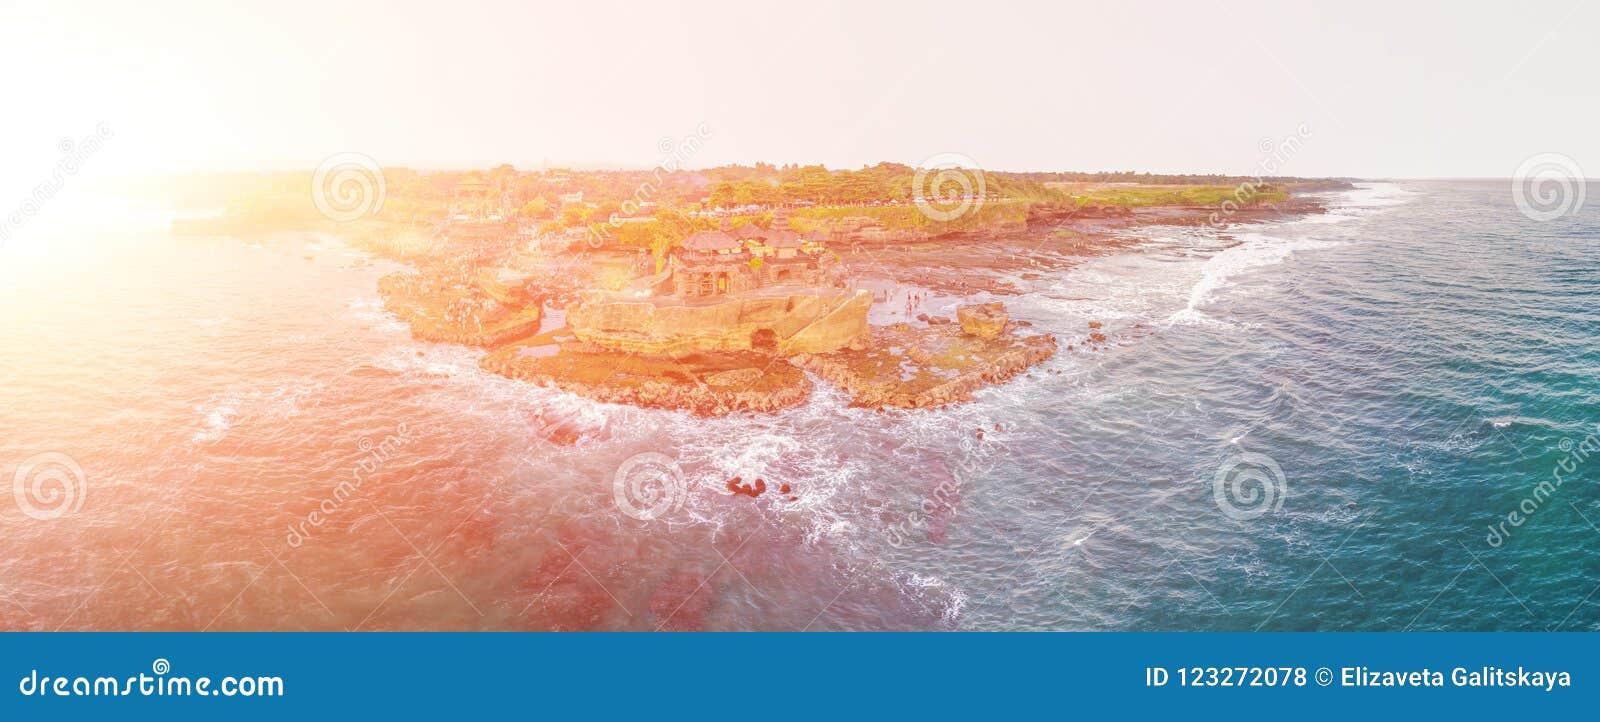 Tanah udział - świątynia w oceanie bali Indonesia Fotografia od trutnia SZTANDAR, Długi format